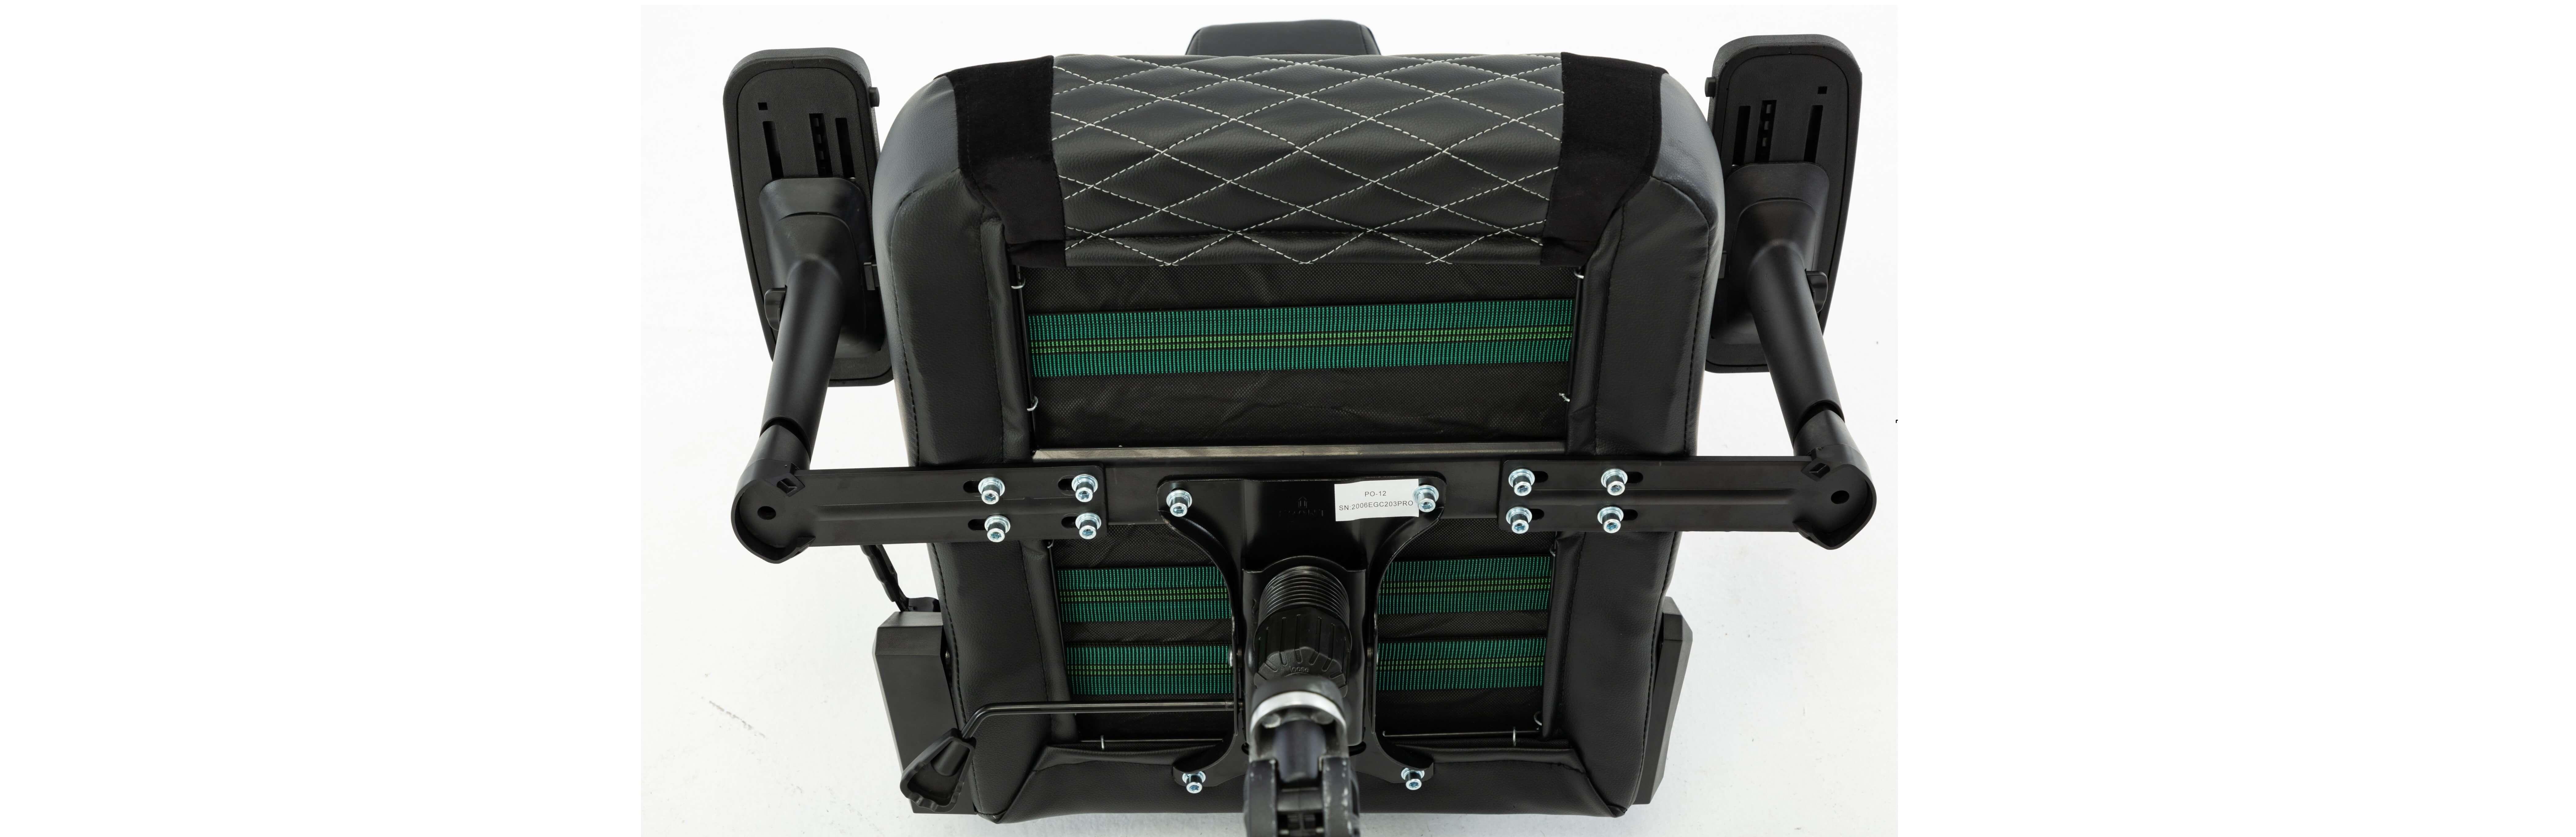 Ghế gamer E-Dra Hercules EGC203 Pro Black/Red có bộ khung được cấu tạo bằng kim loại thép cực kỳ chắc chắn